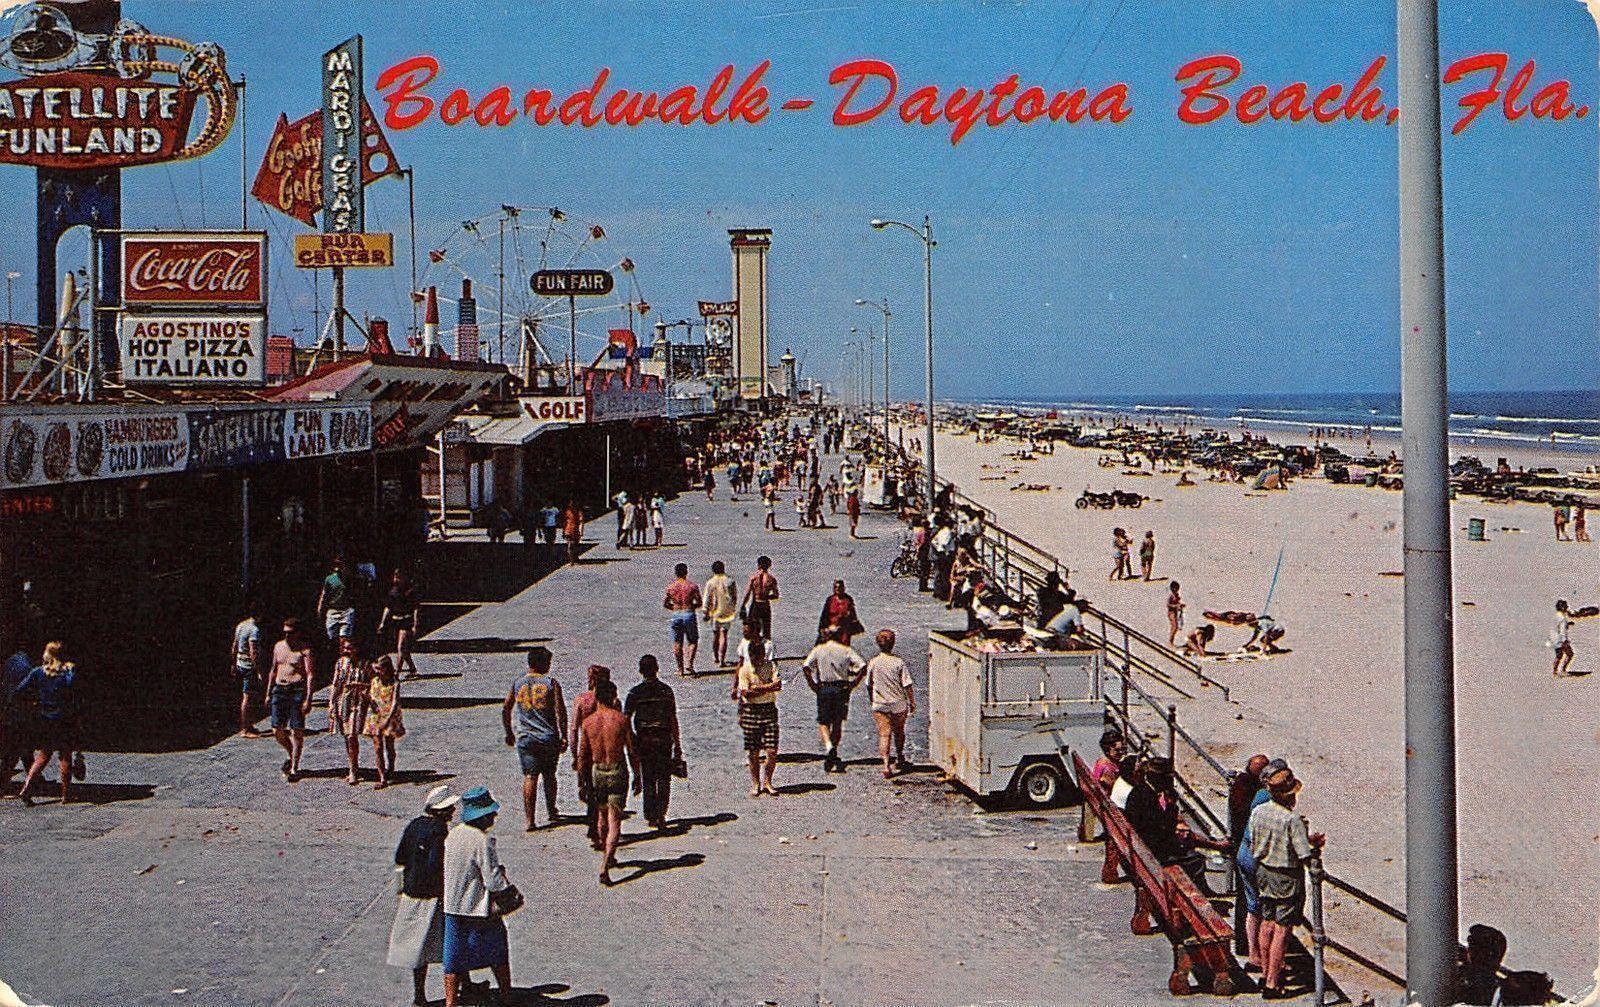 Daytona Beach Fl Satellite Funland